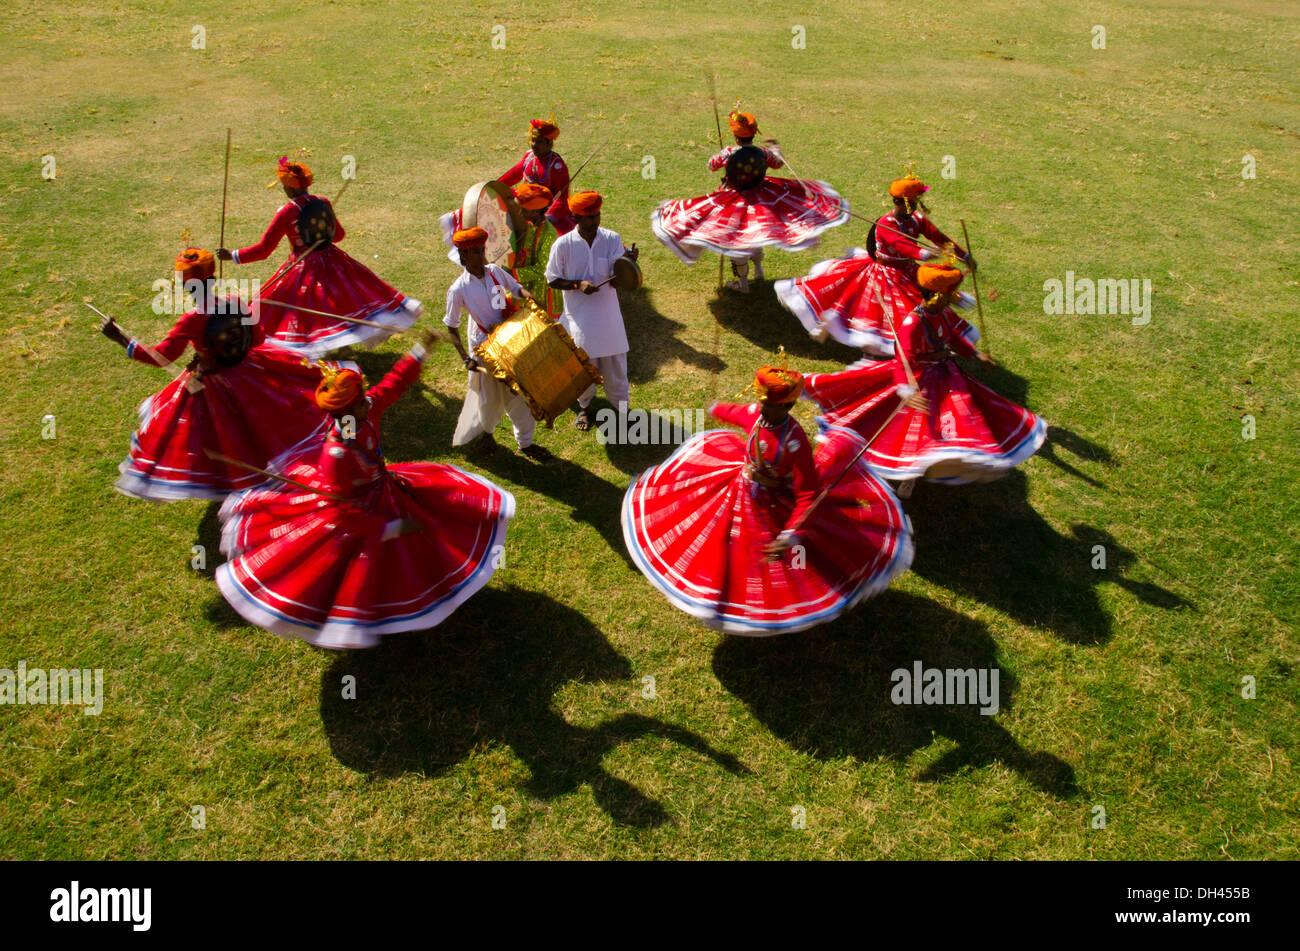 rajasthani folk dance ghoomar at jodhpur rajasthan india